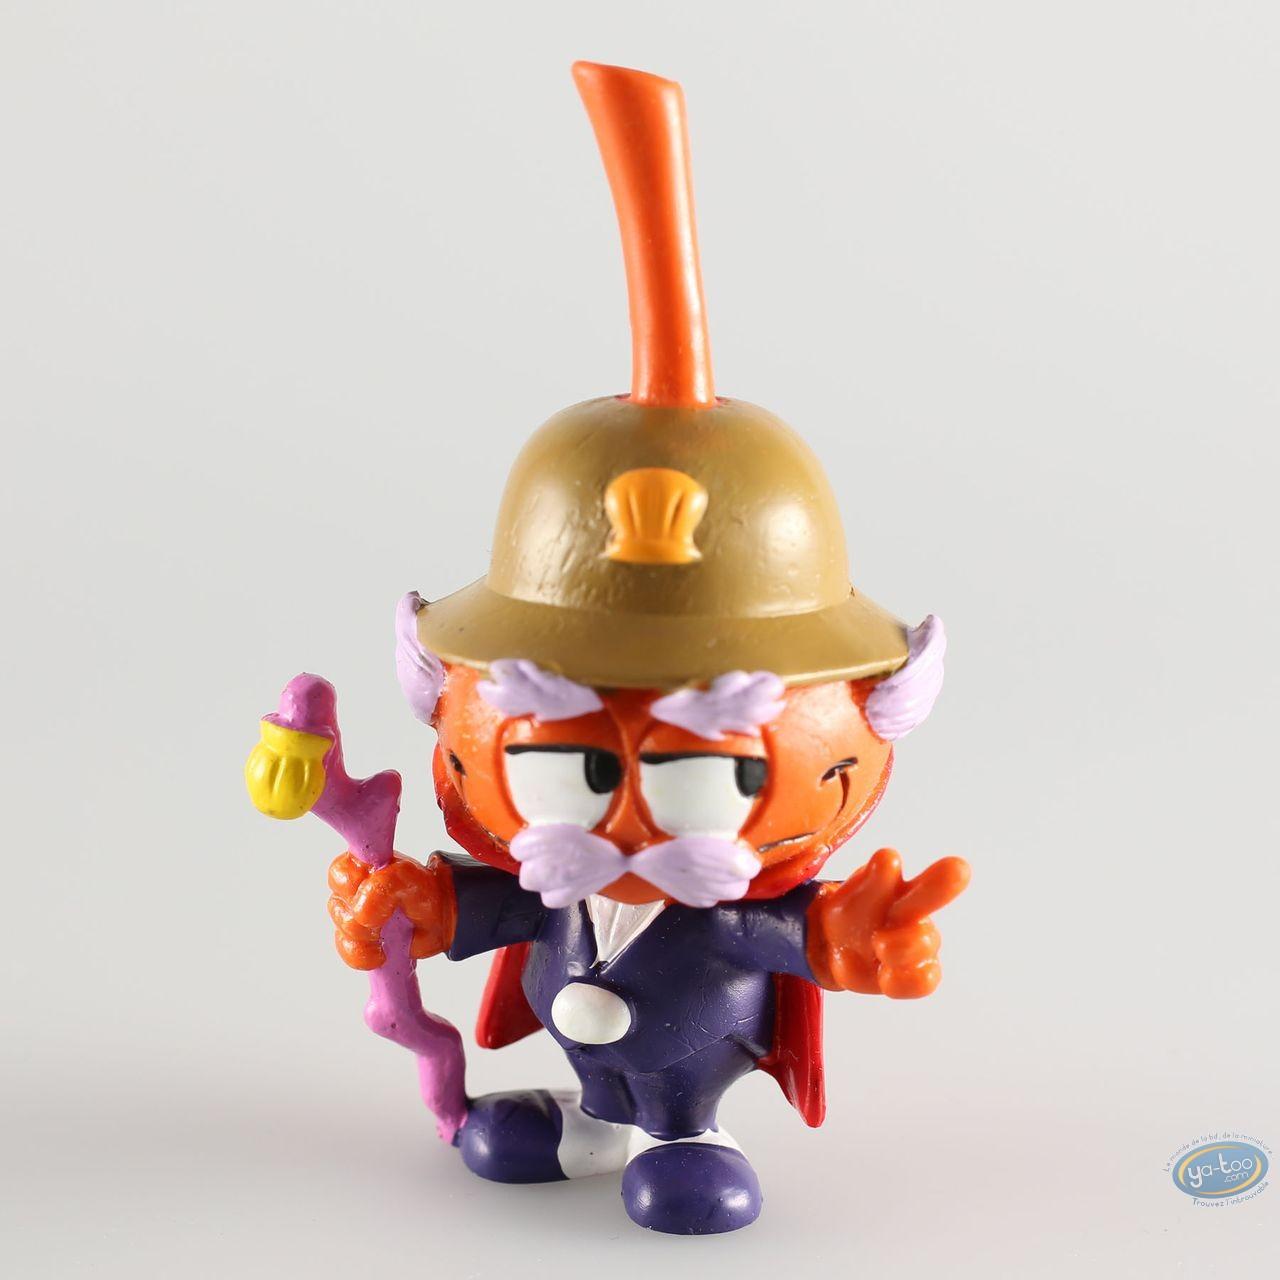 Figurine plastique, Snorkies (Les) : Gouverneur' Snorkie orange avec un casque